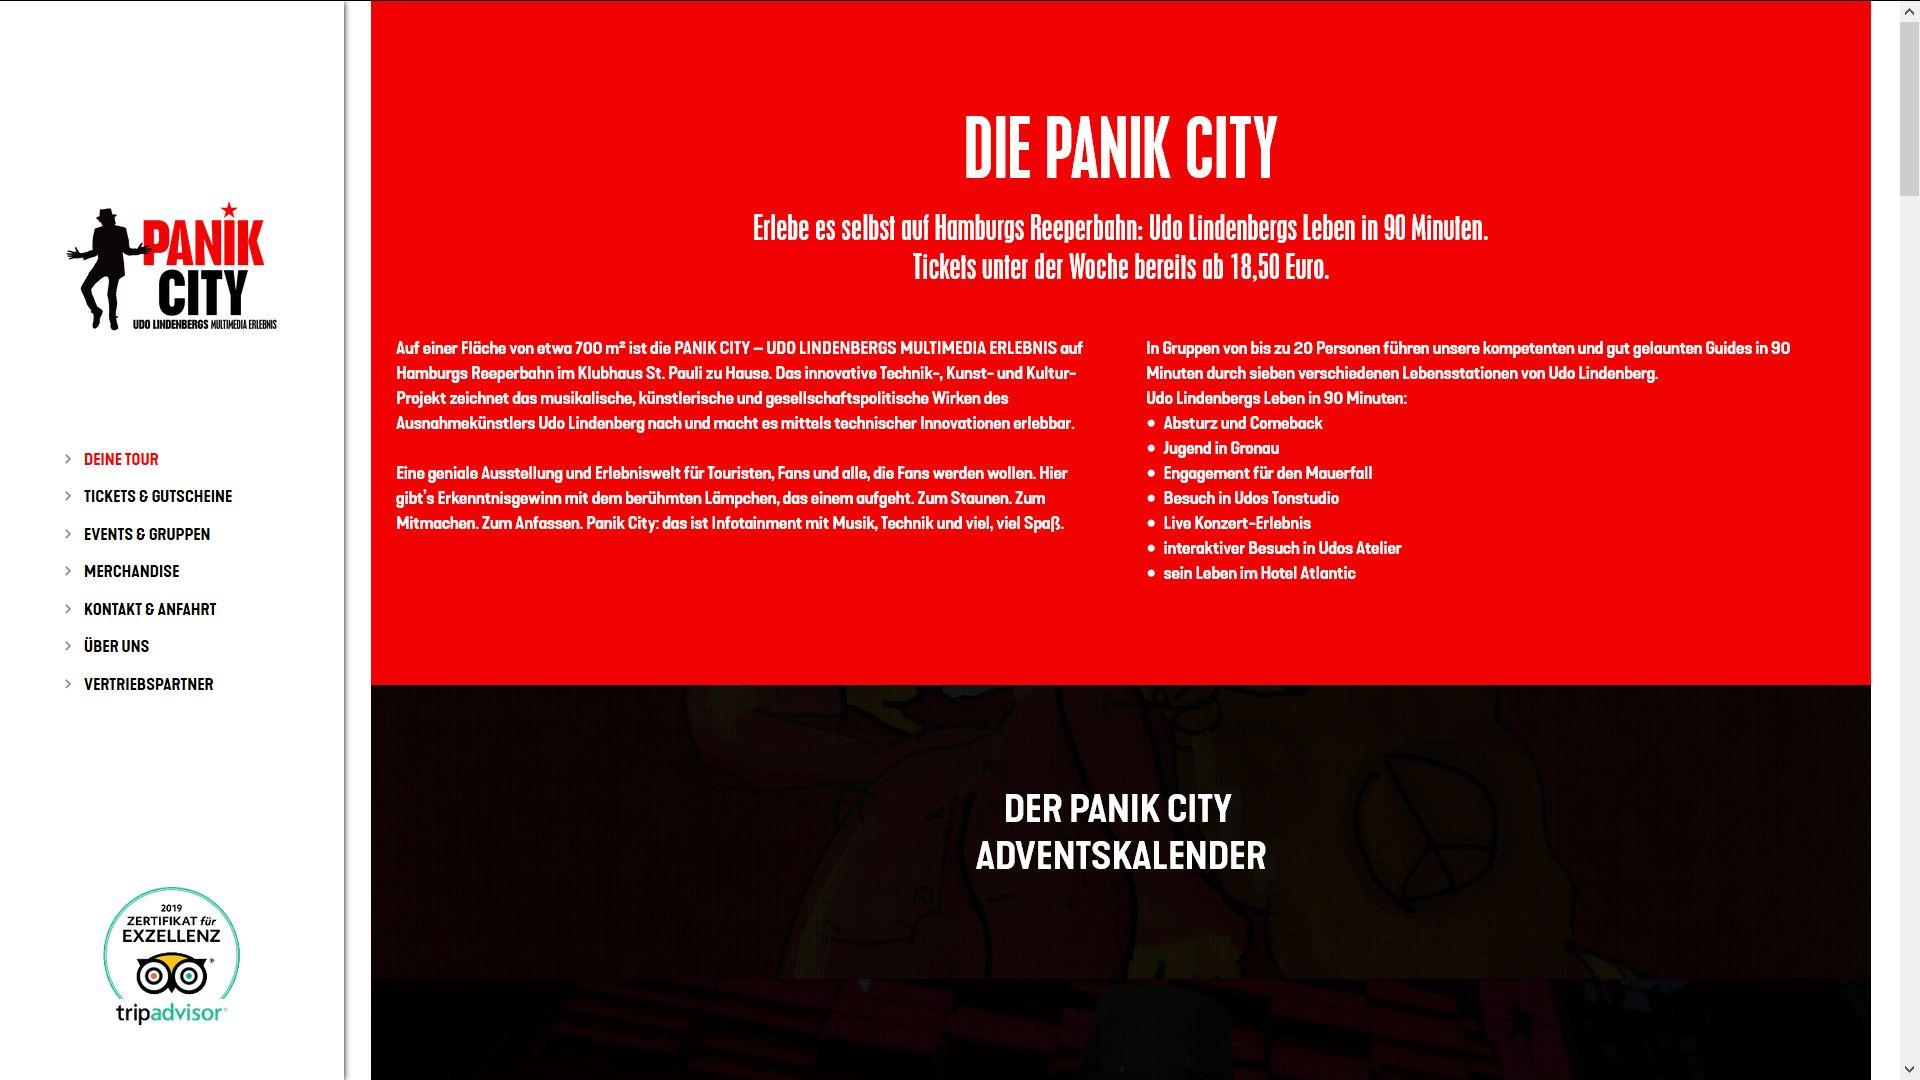 Panik City feiert Erfolge im Jahr 2019